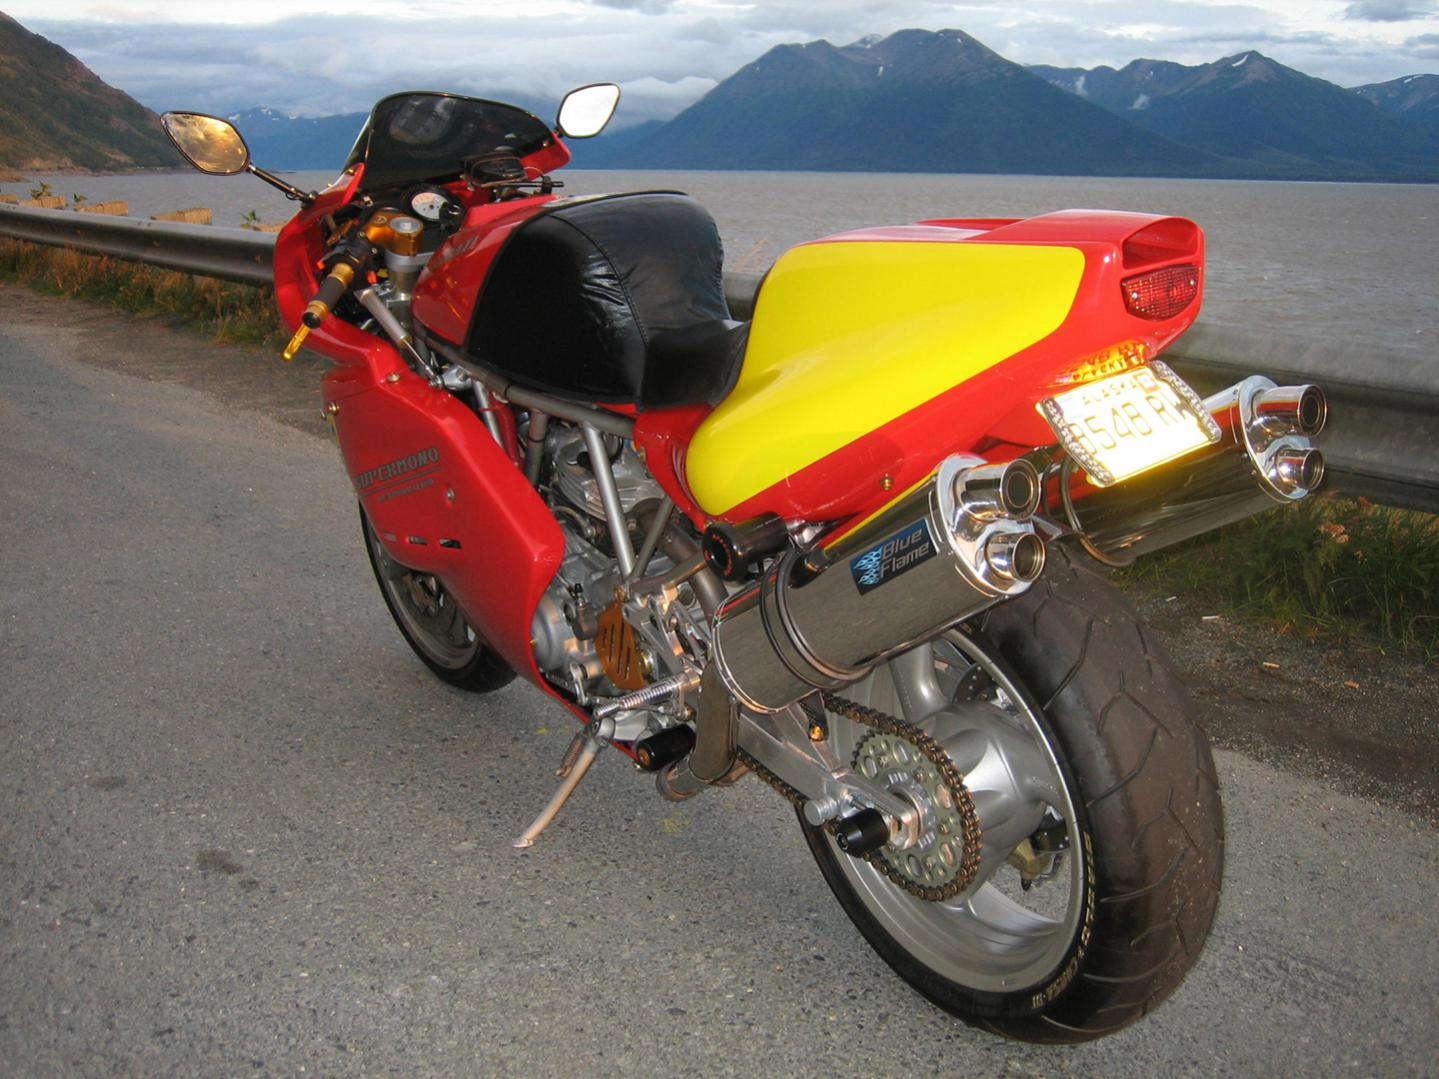 Ducati Supermono Conversion